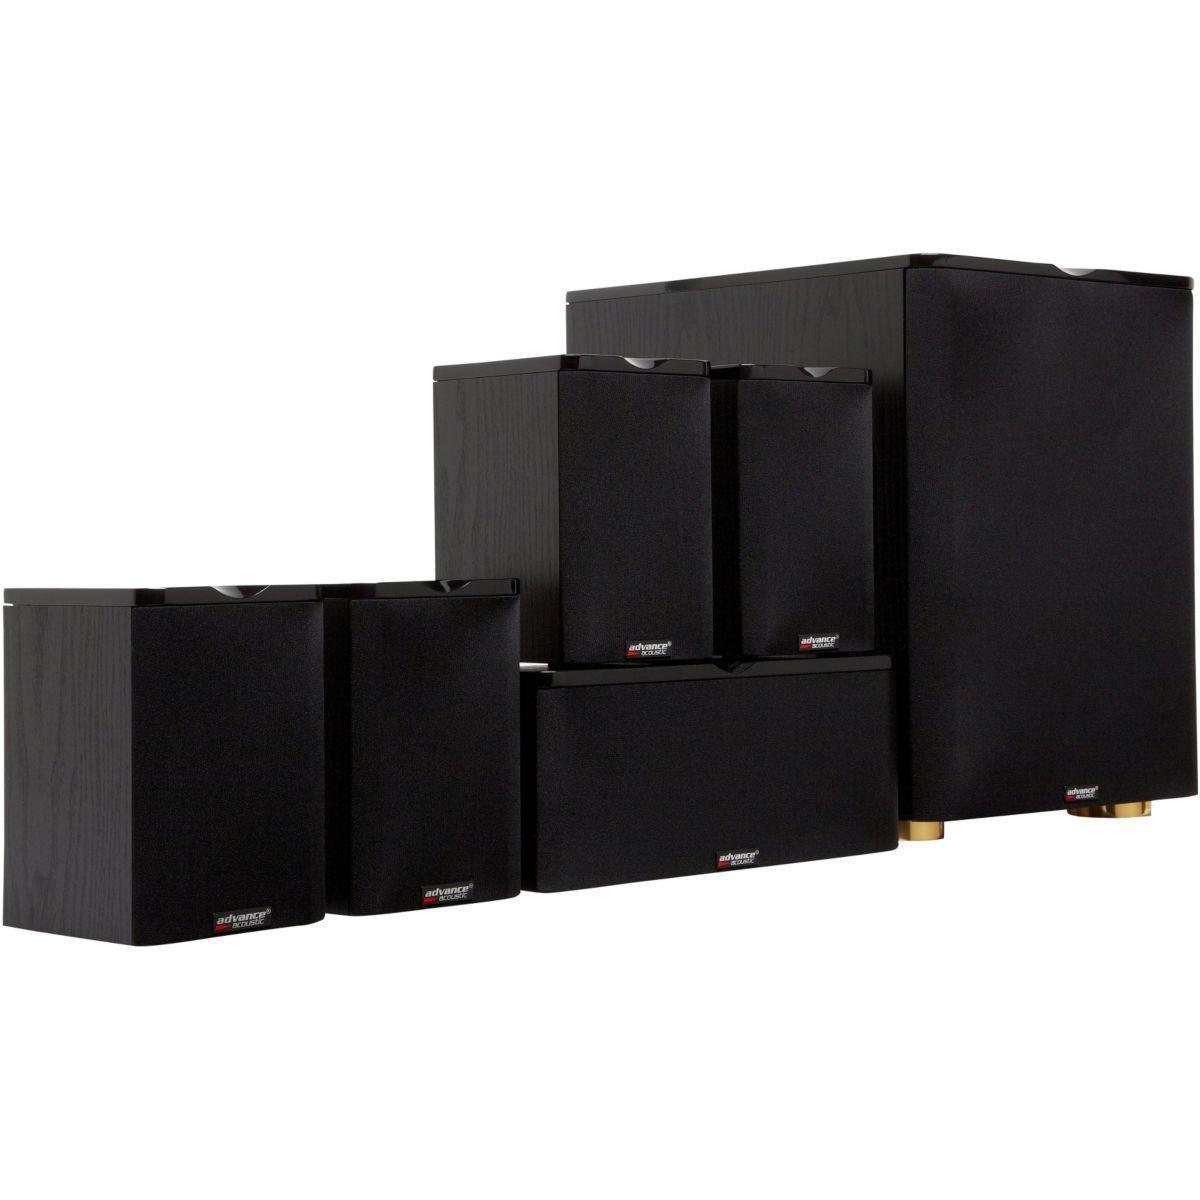 Lautsprecher    Advance MAV 502 - Schwarz